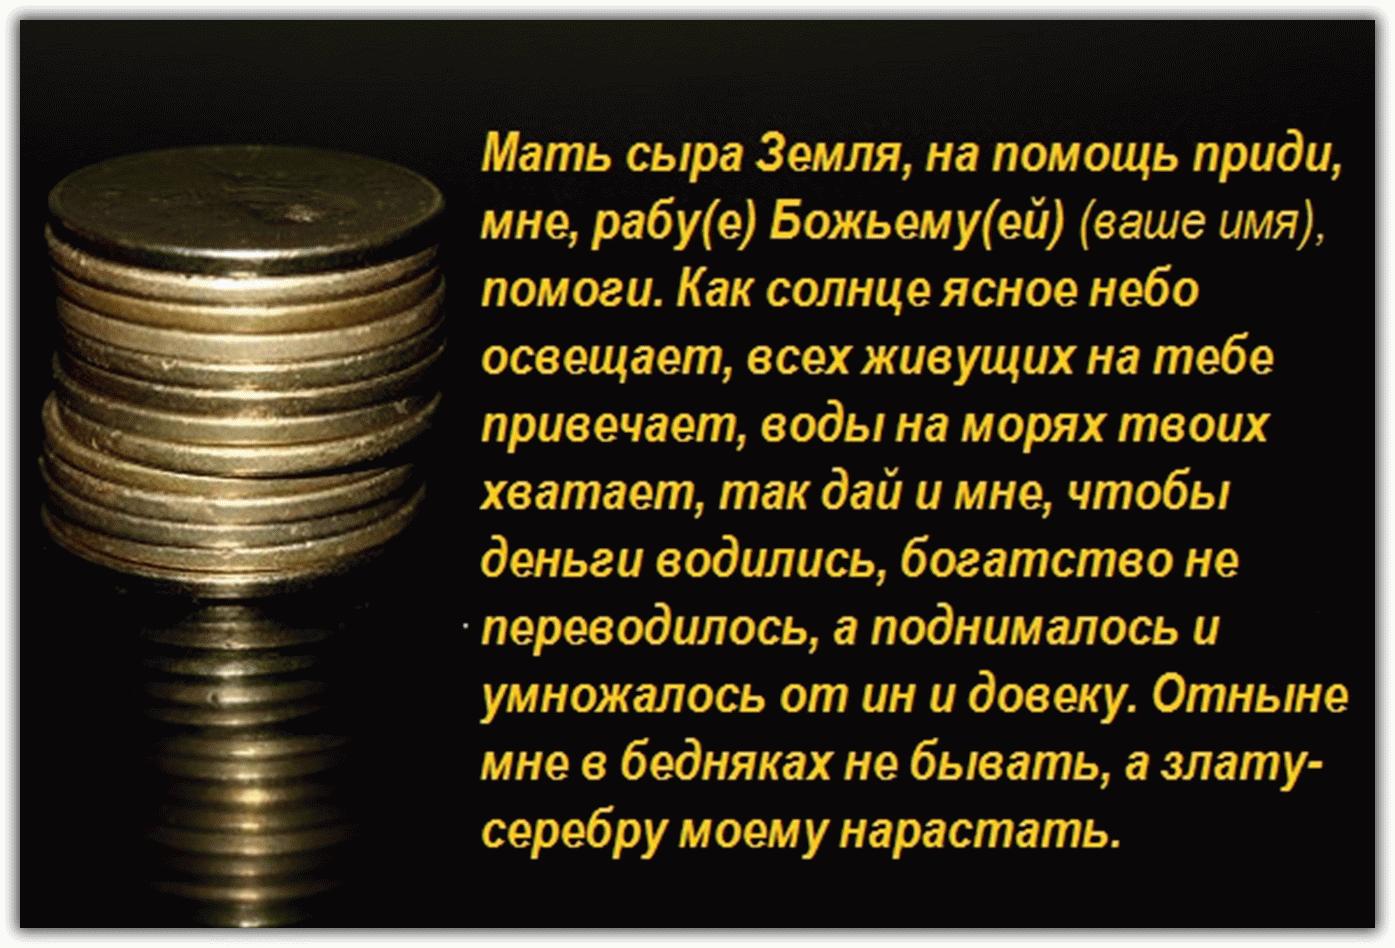 Заговор на удачу и деньги - читать онлайн сильный заговор